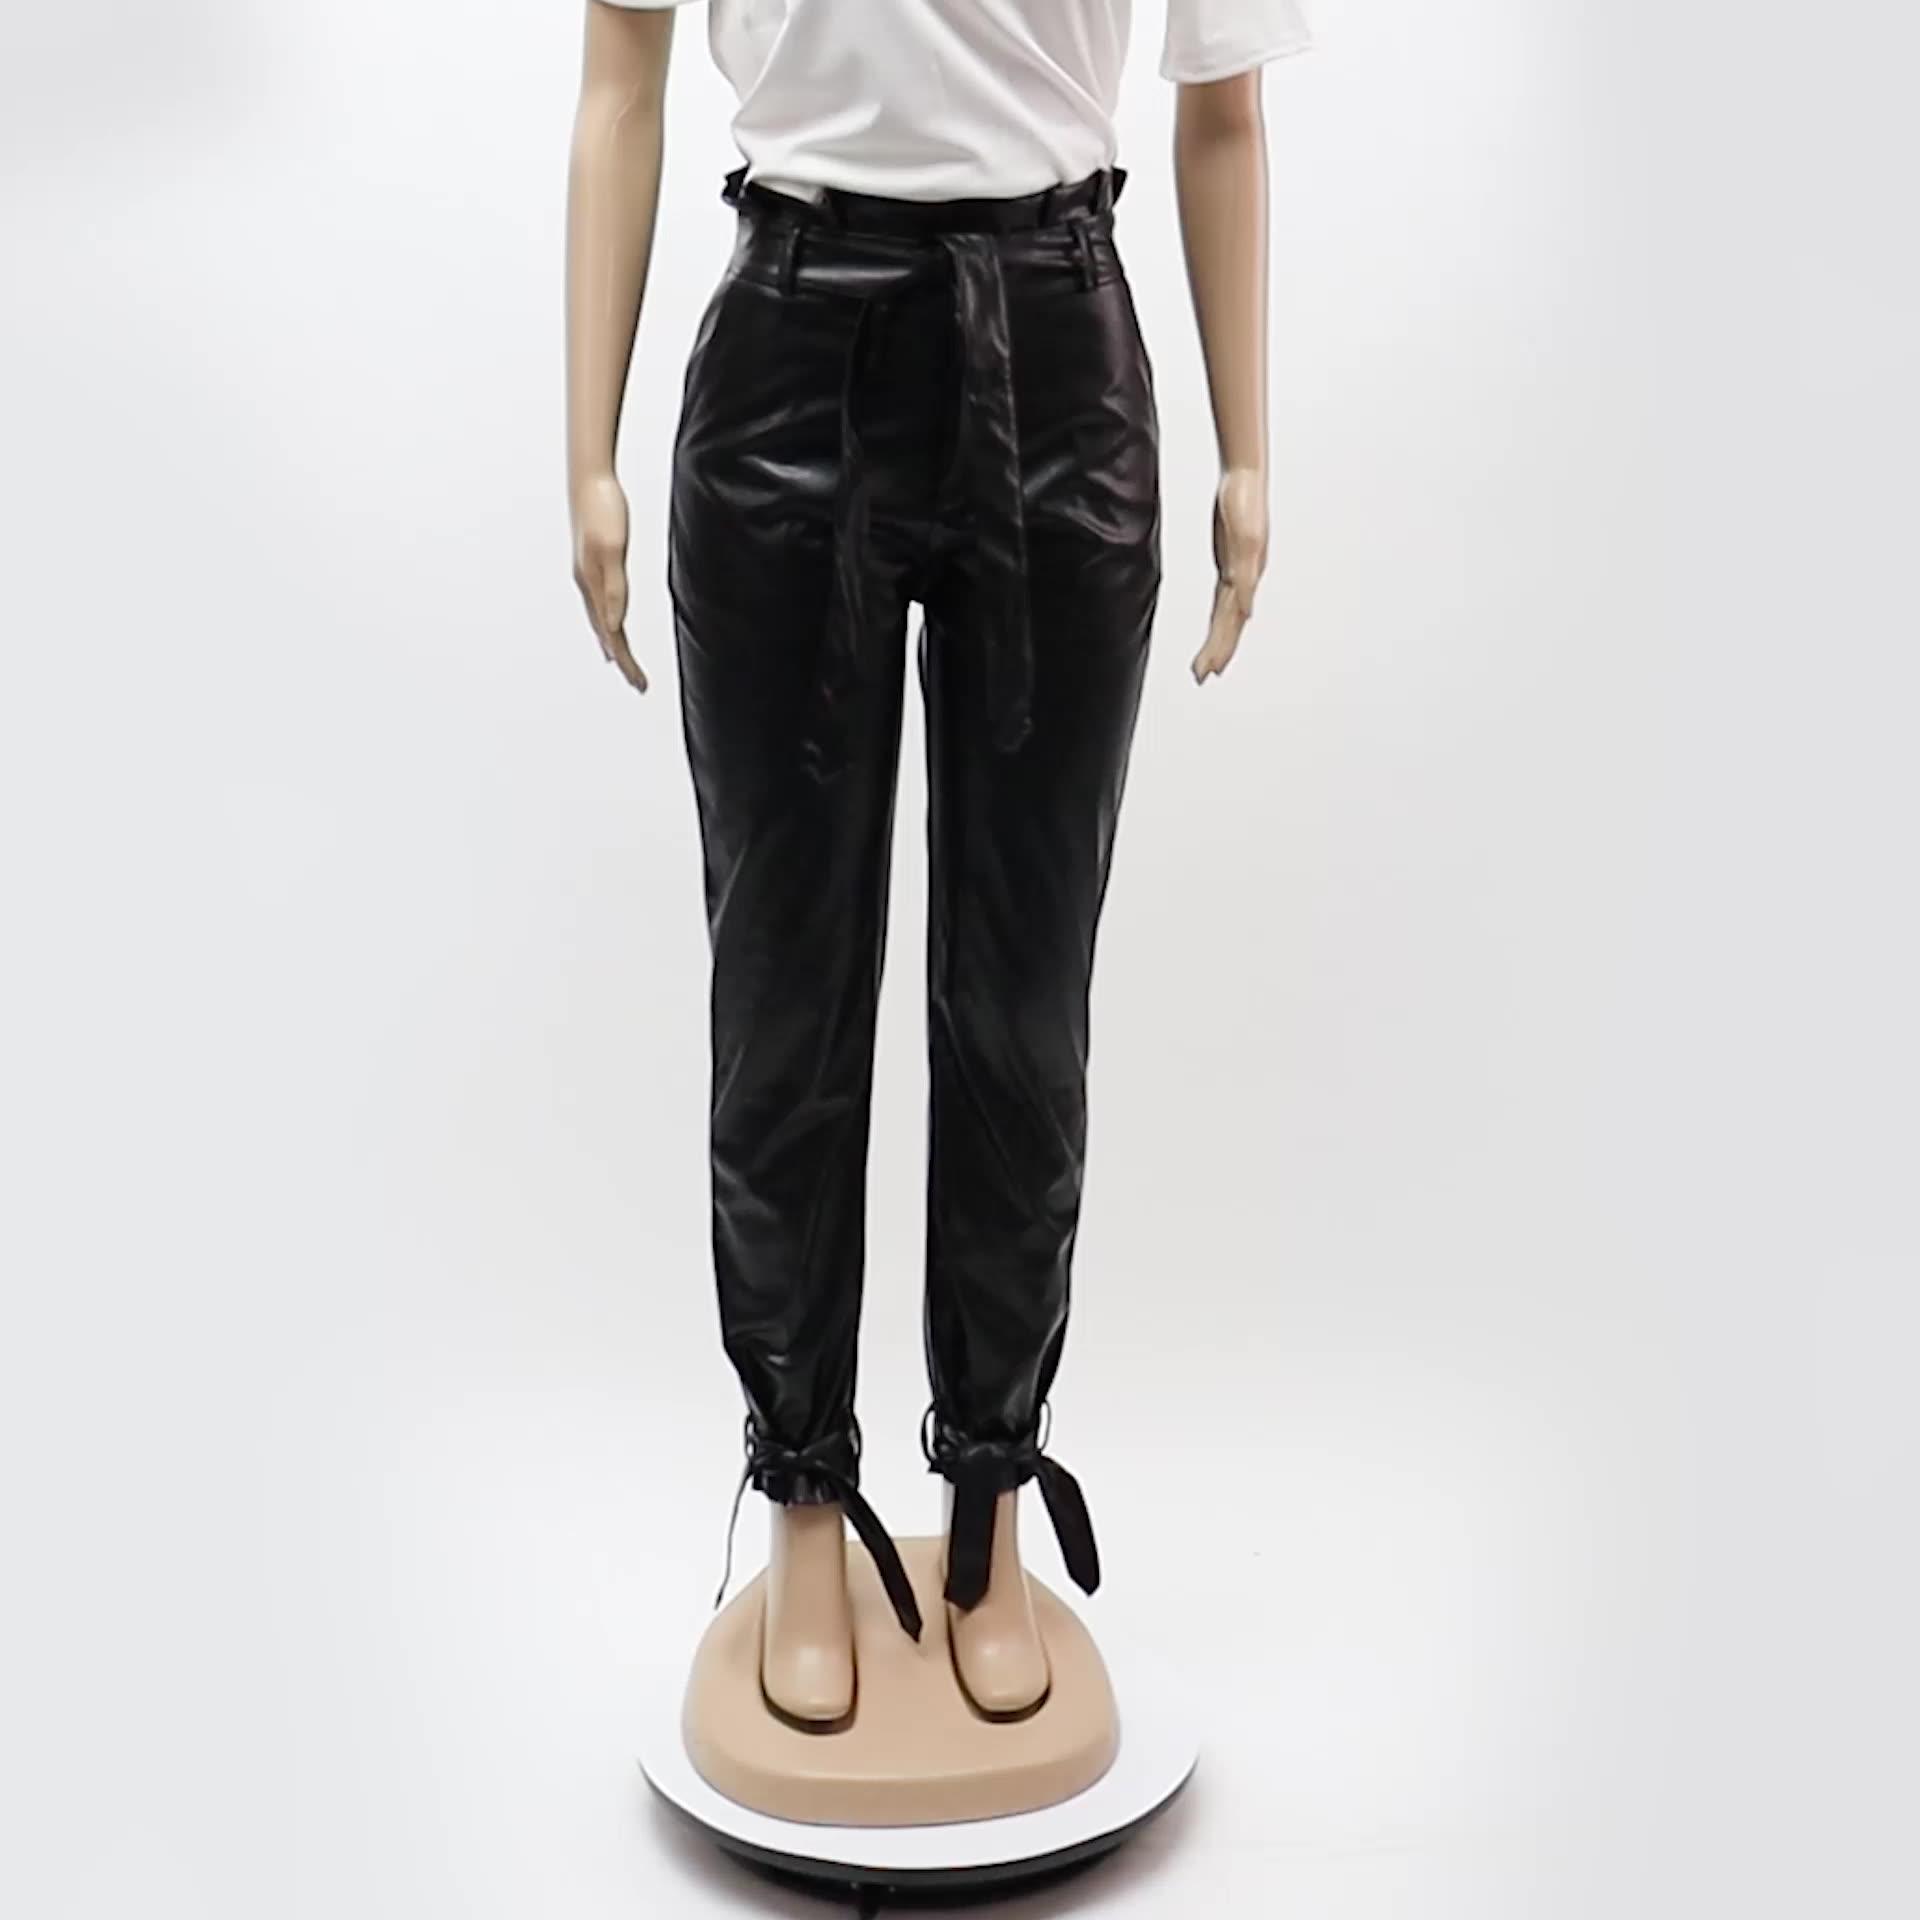 กางเกงหนังกางเกงลำลองผู้หญิง,กางเกงหนังPUมีสายคาดเอวสูงแฟชั่นขายดี